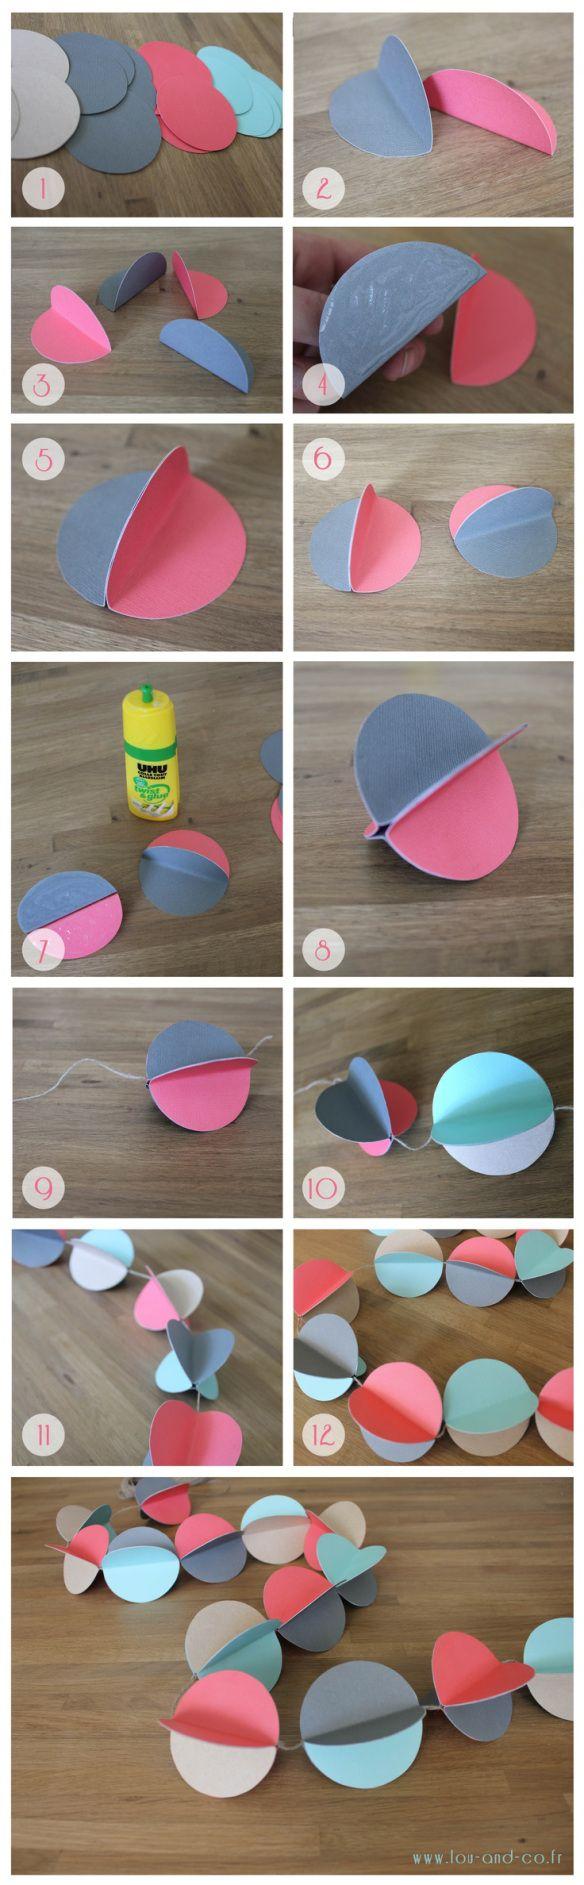 guirlande papier DIY, en lugar de cartulina usar rollos de ph. y pintar.